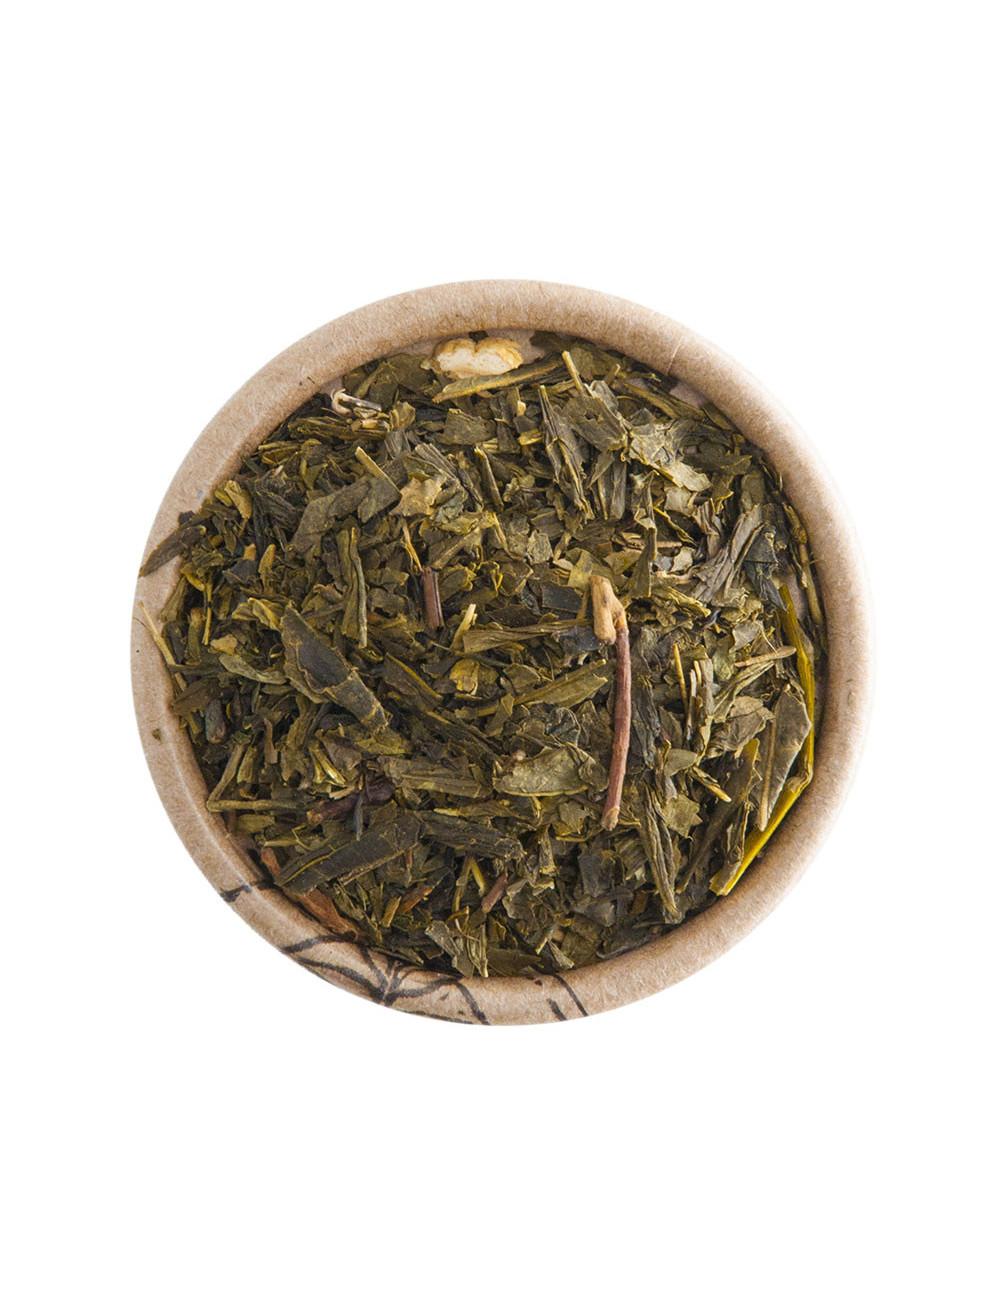 Ginseng tè verde aromatizzato - La Pianta del Tè shop online